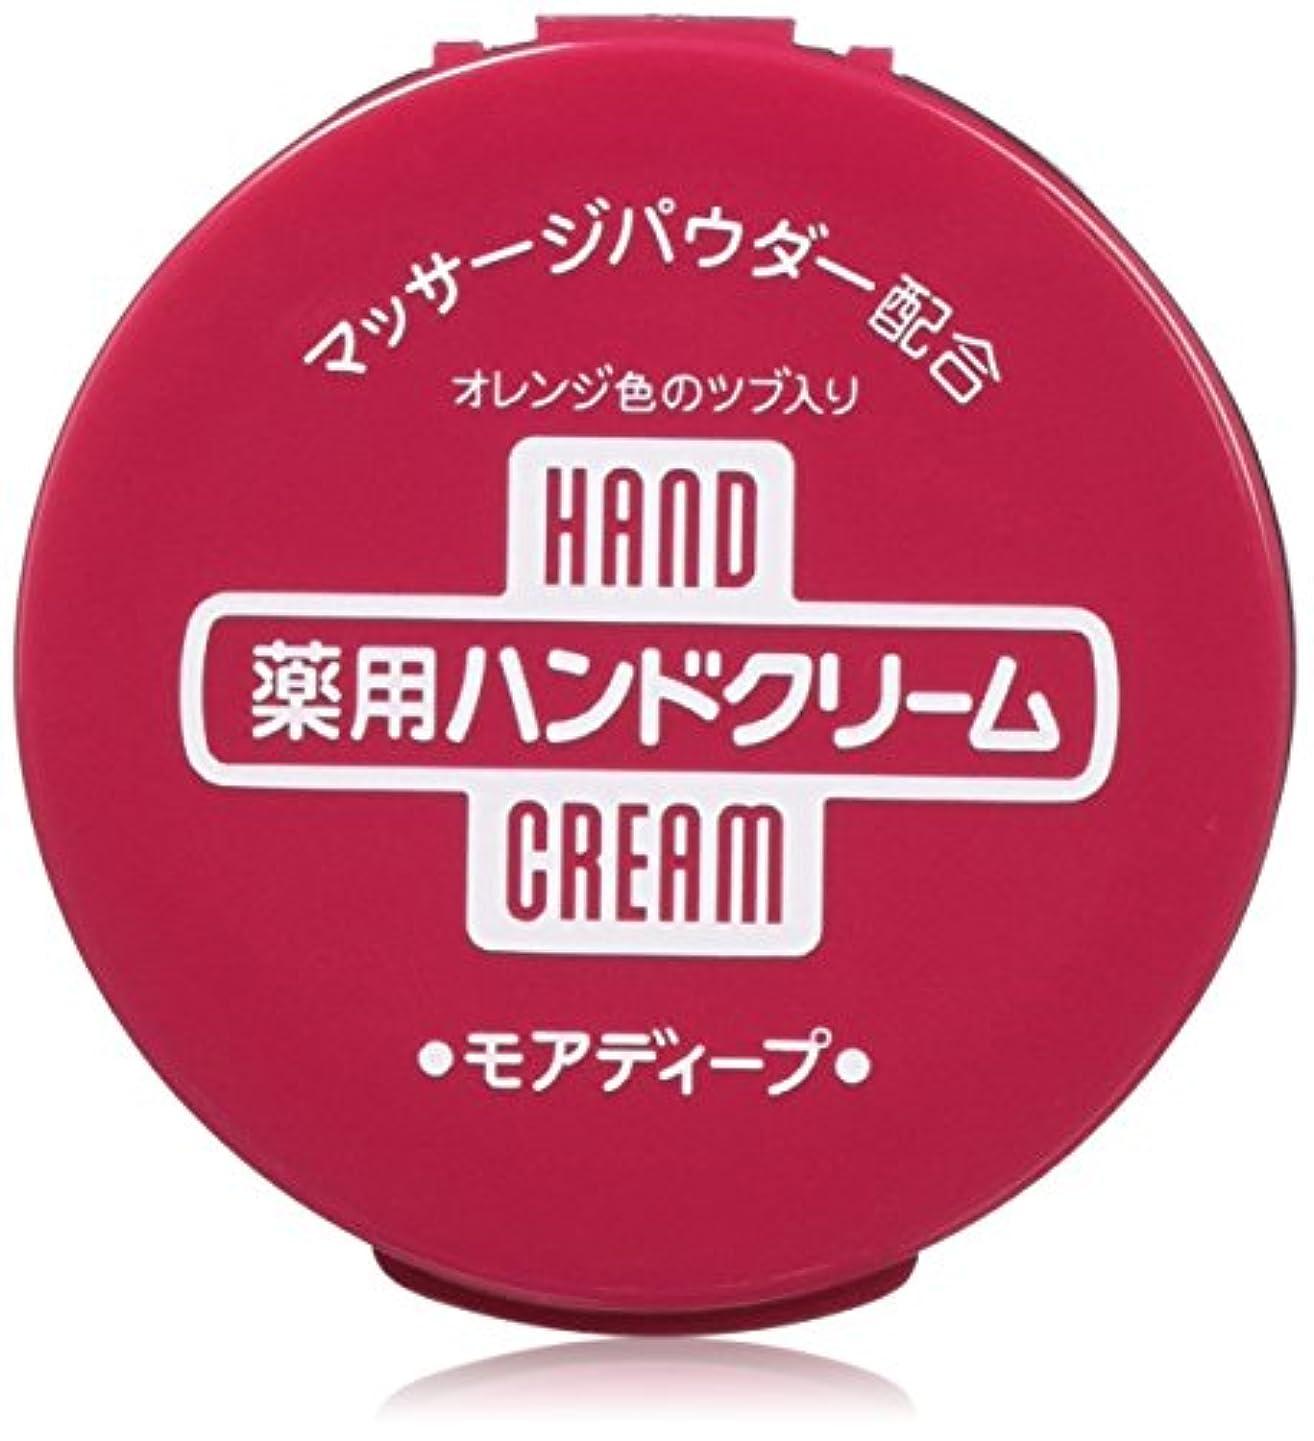 慣れるたくさんの水素【まとめ買い】薬用ハンドクリーム モアディープ 100g×12個